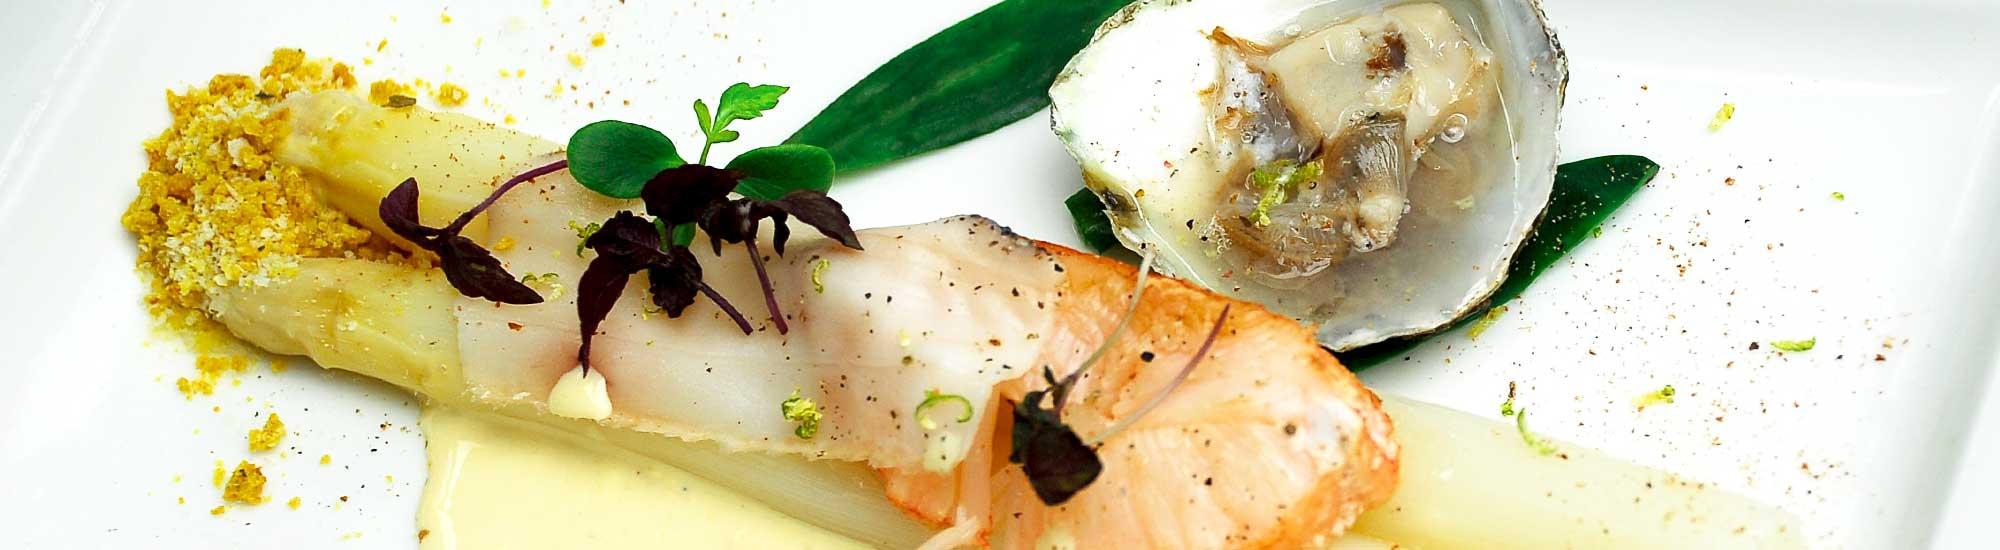 Restaurant terneuzen vis restaurant